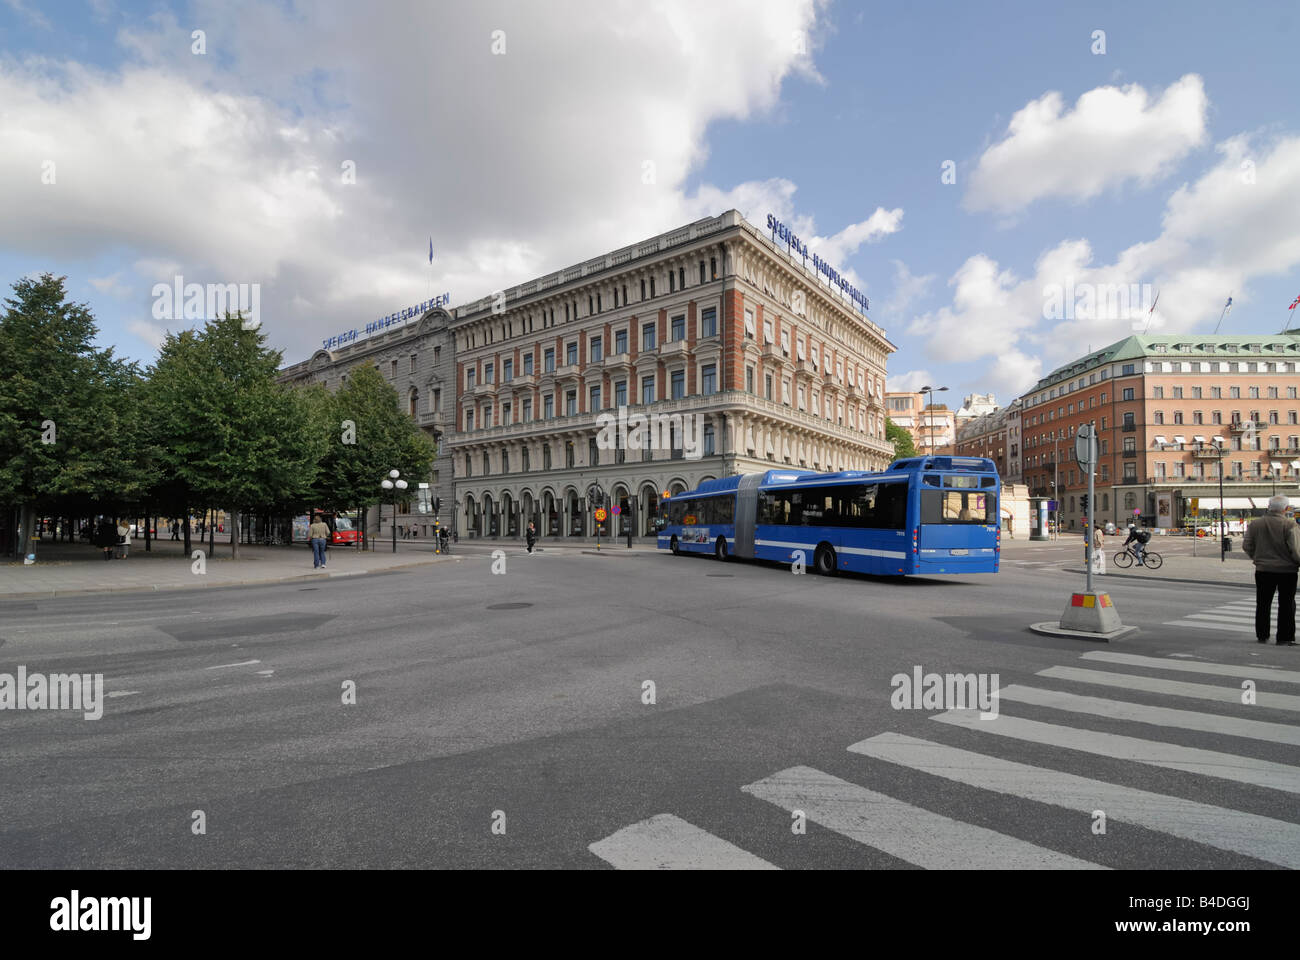 Building of Svenska Handelsbanken - Stock Image